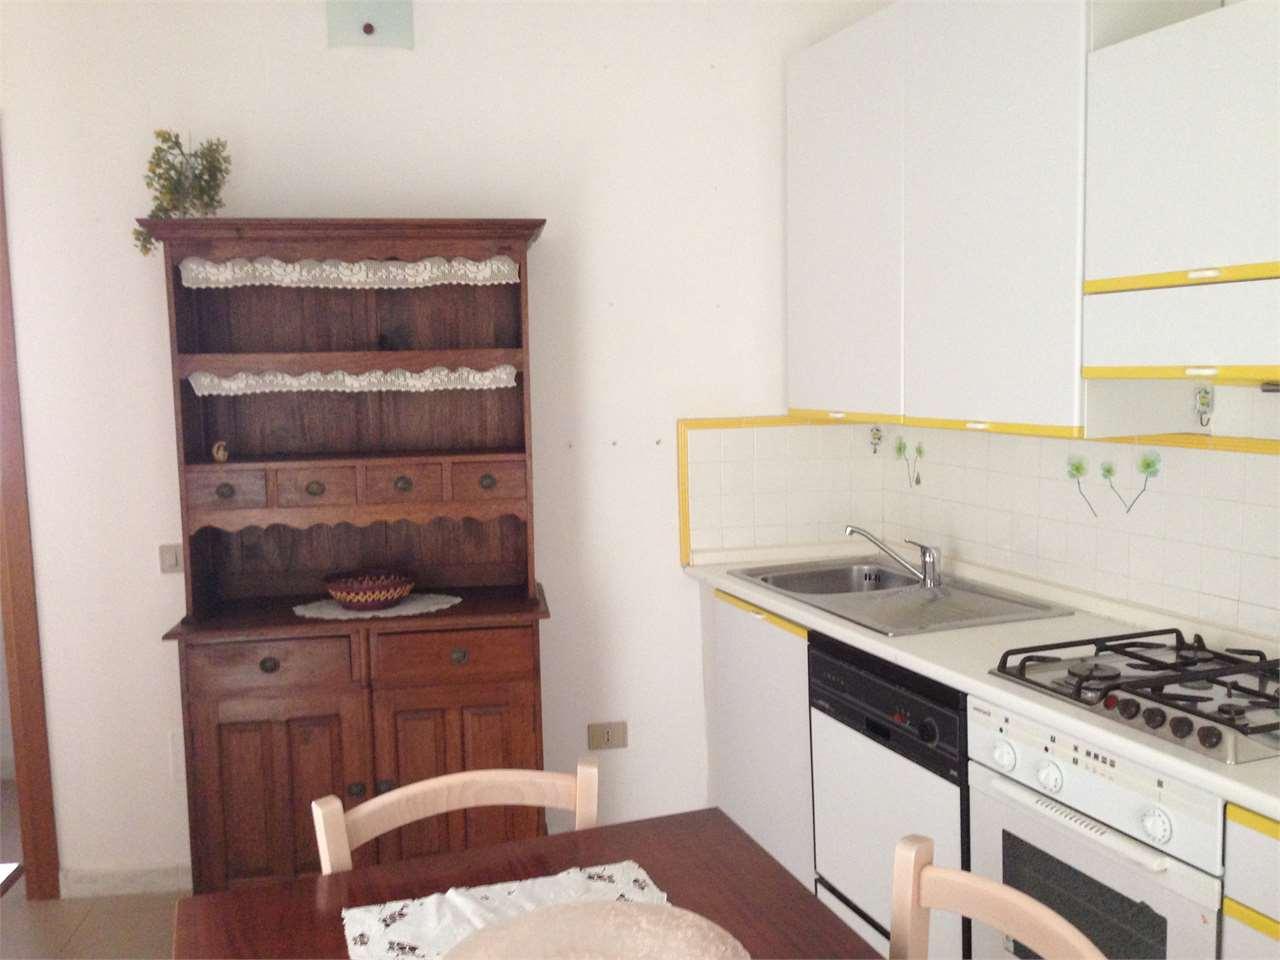 Appartamento in vendita a Capoterra, 3 locali, prezzo € 95.000 | CambioCasa.it